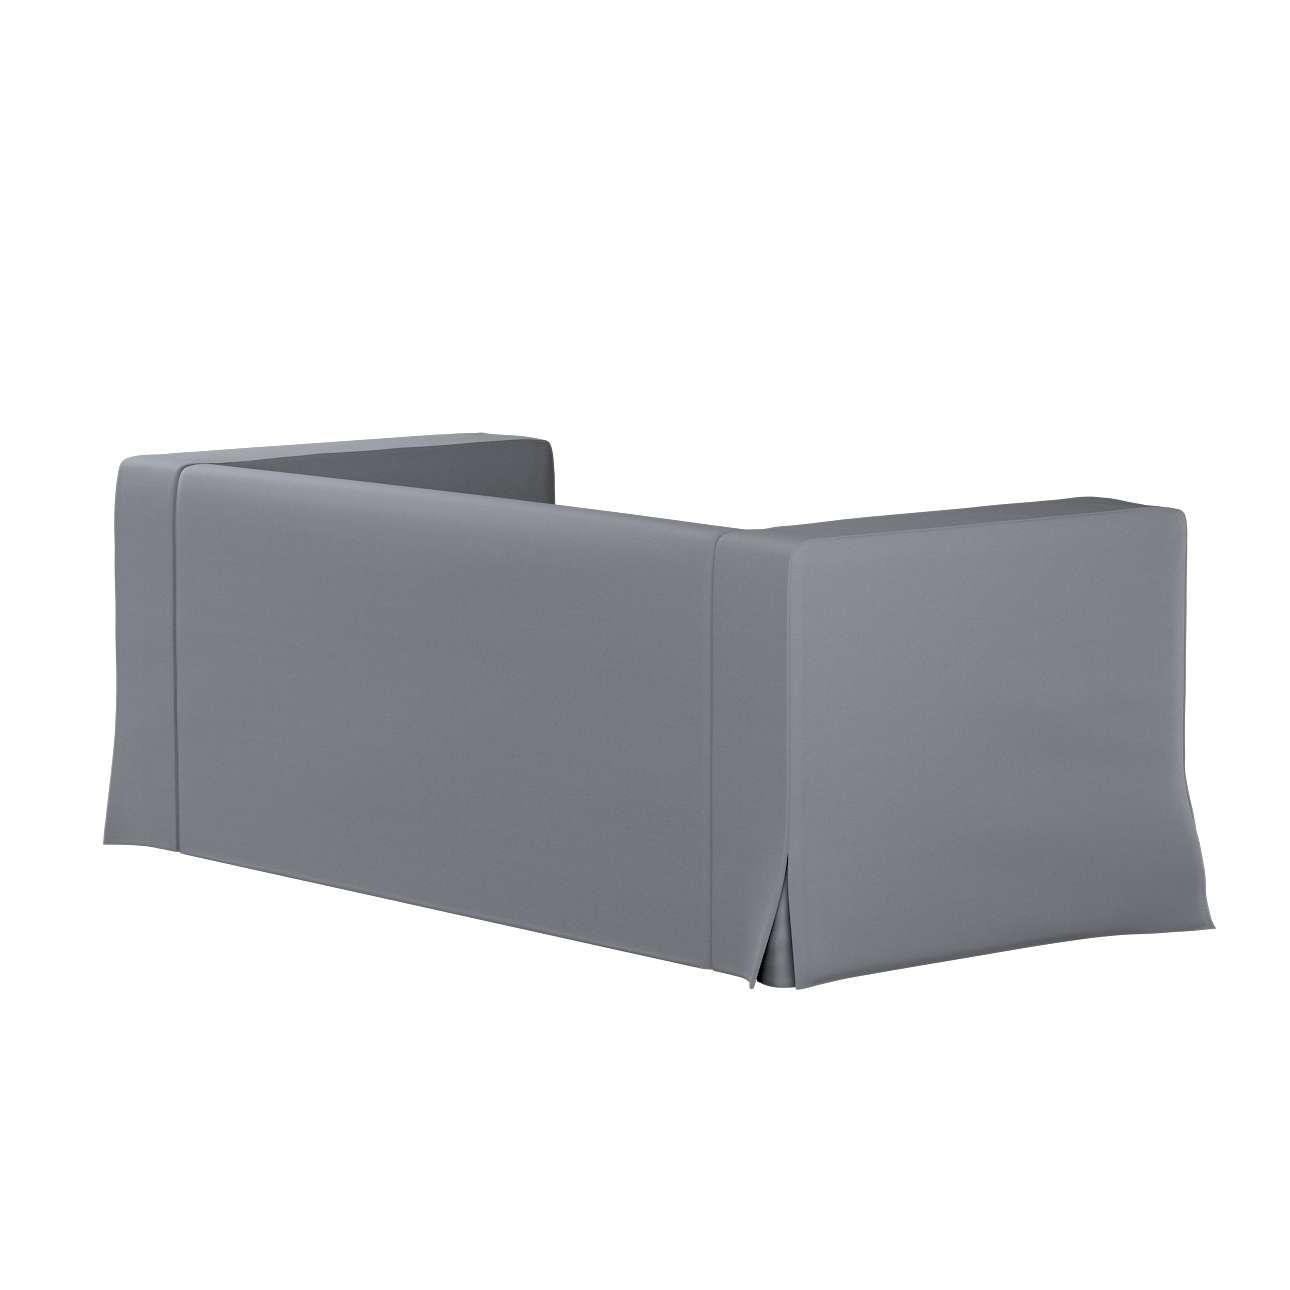 Bezug für Klippan 2-Sitzer Sofa, lang mit Kellerfalte von der Kollektion Cotton Panama, Stoff: 702-07